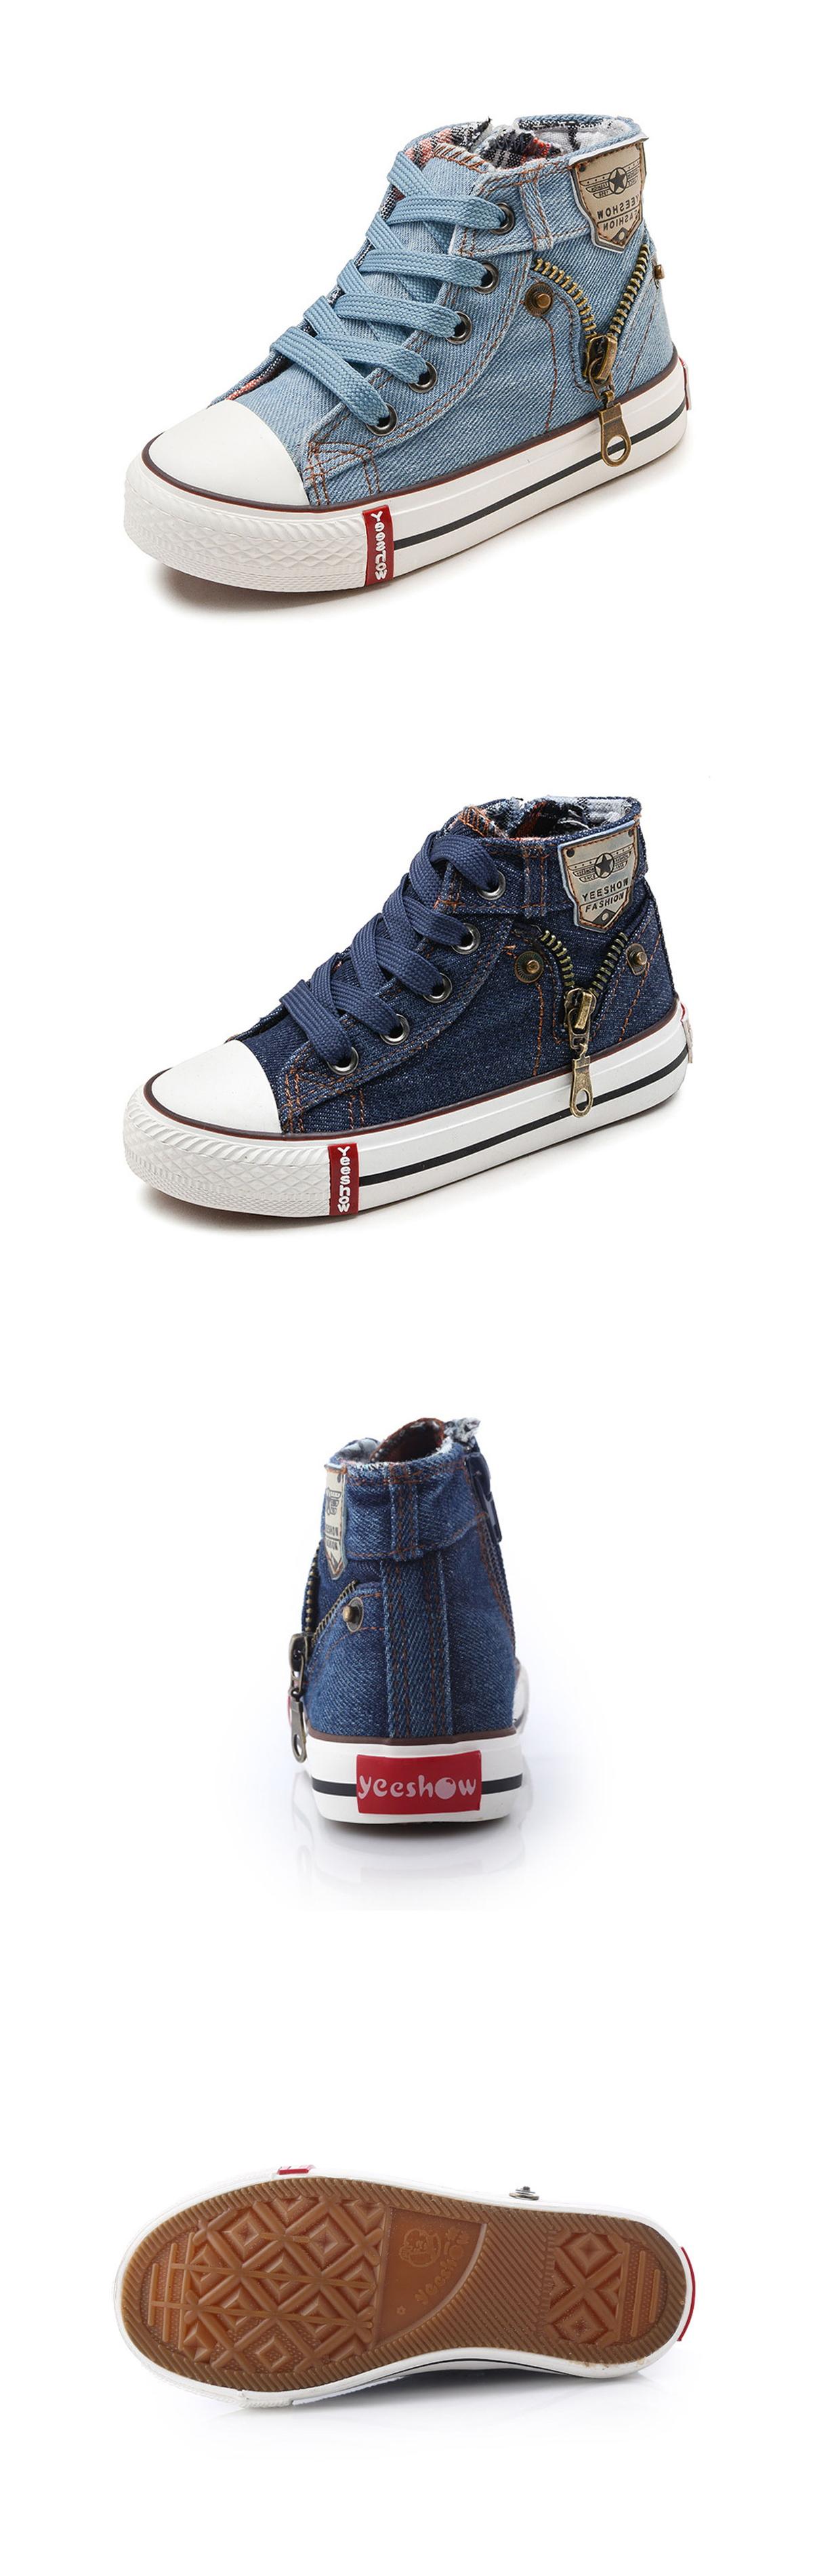 童鞋.中筒牛仔拉鍊綁帶帆布鞋.童裝